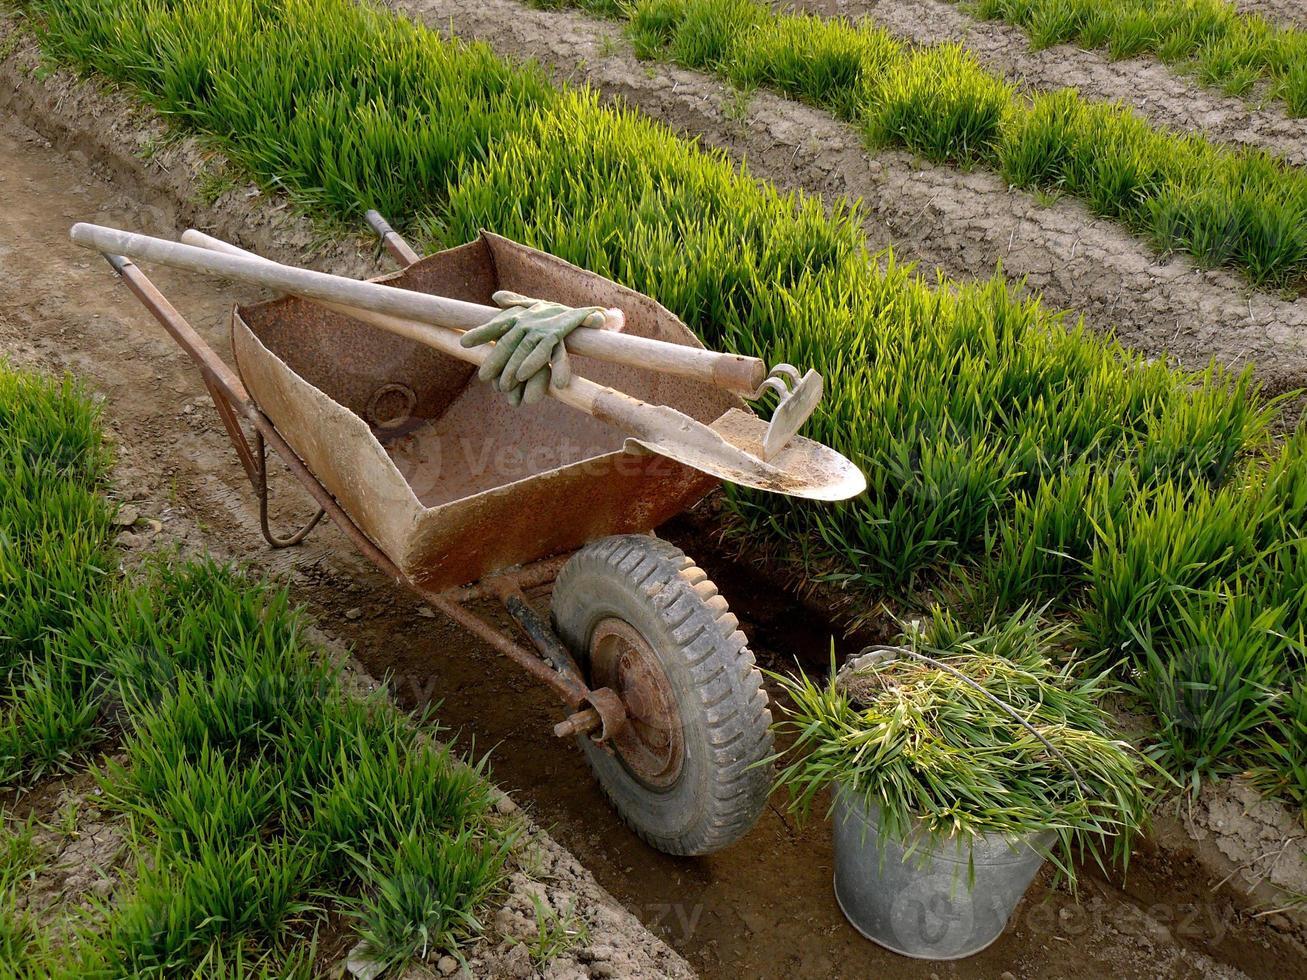 wheelbarrow with tools in a spring garden photo